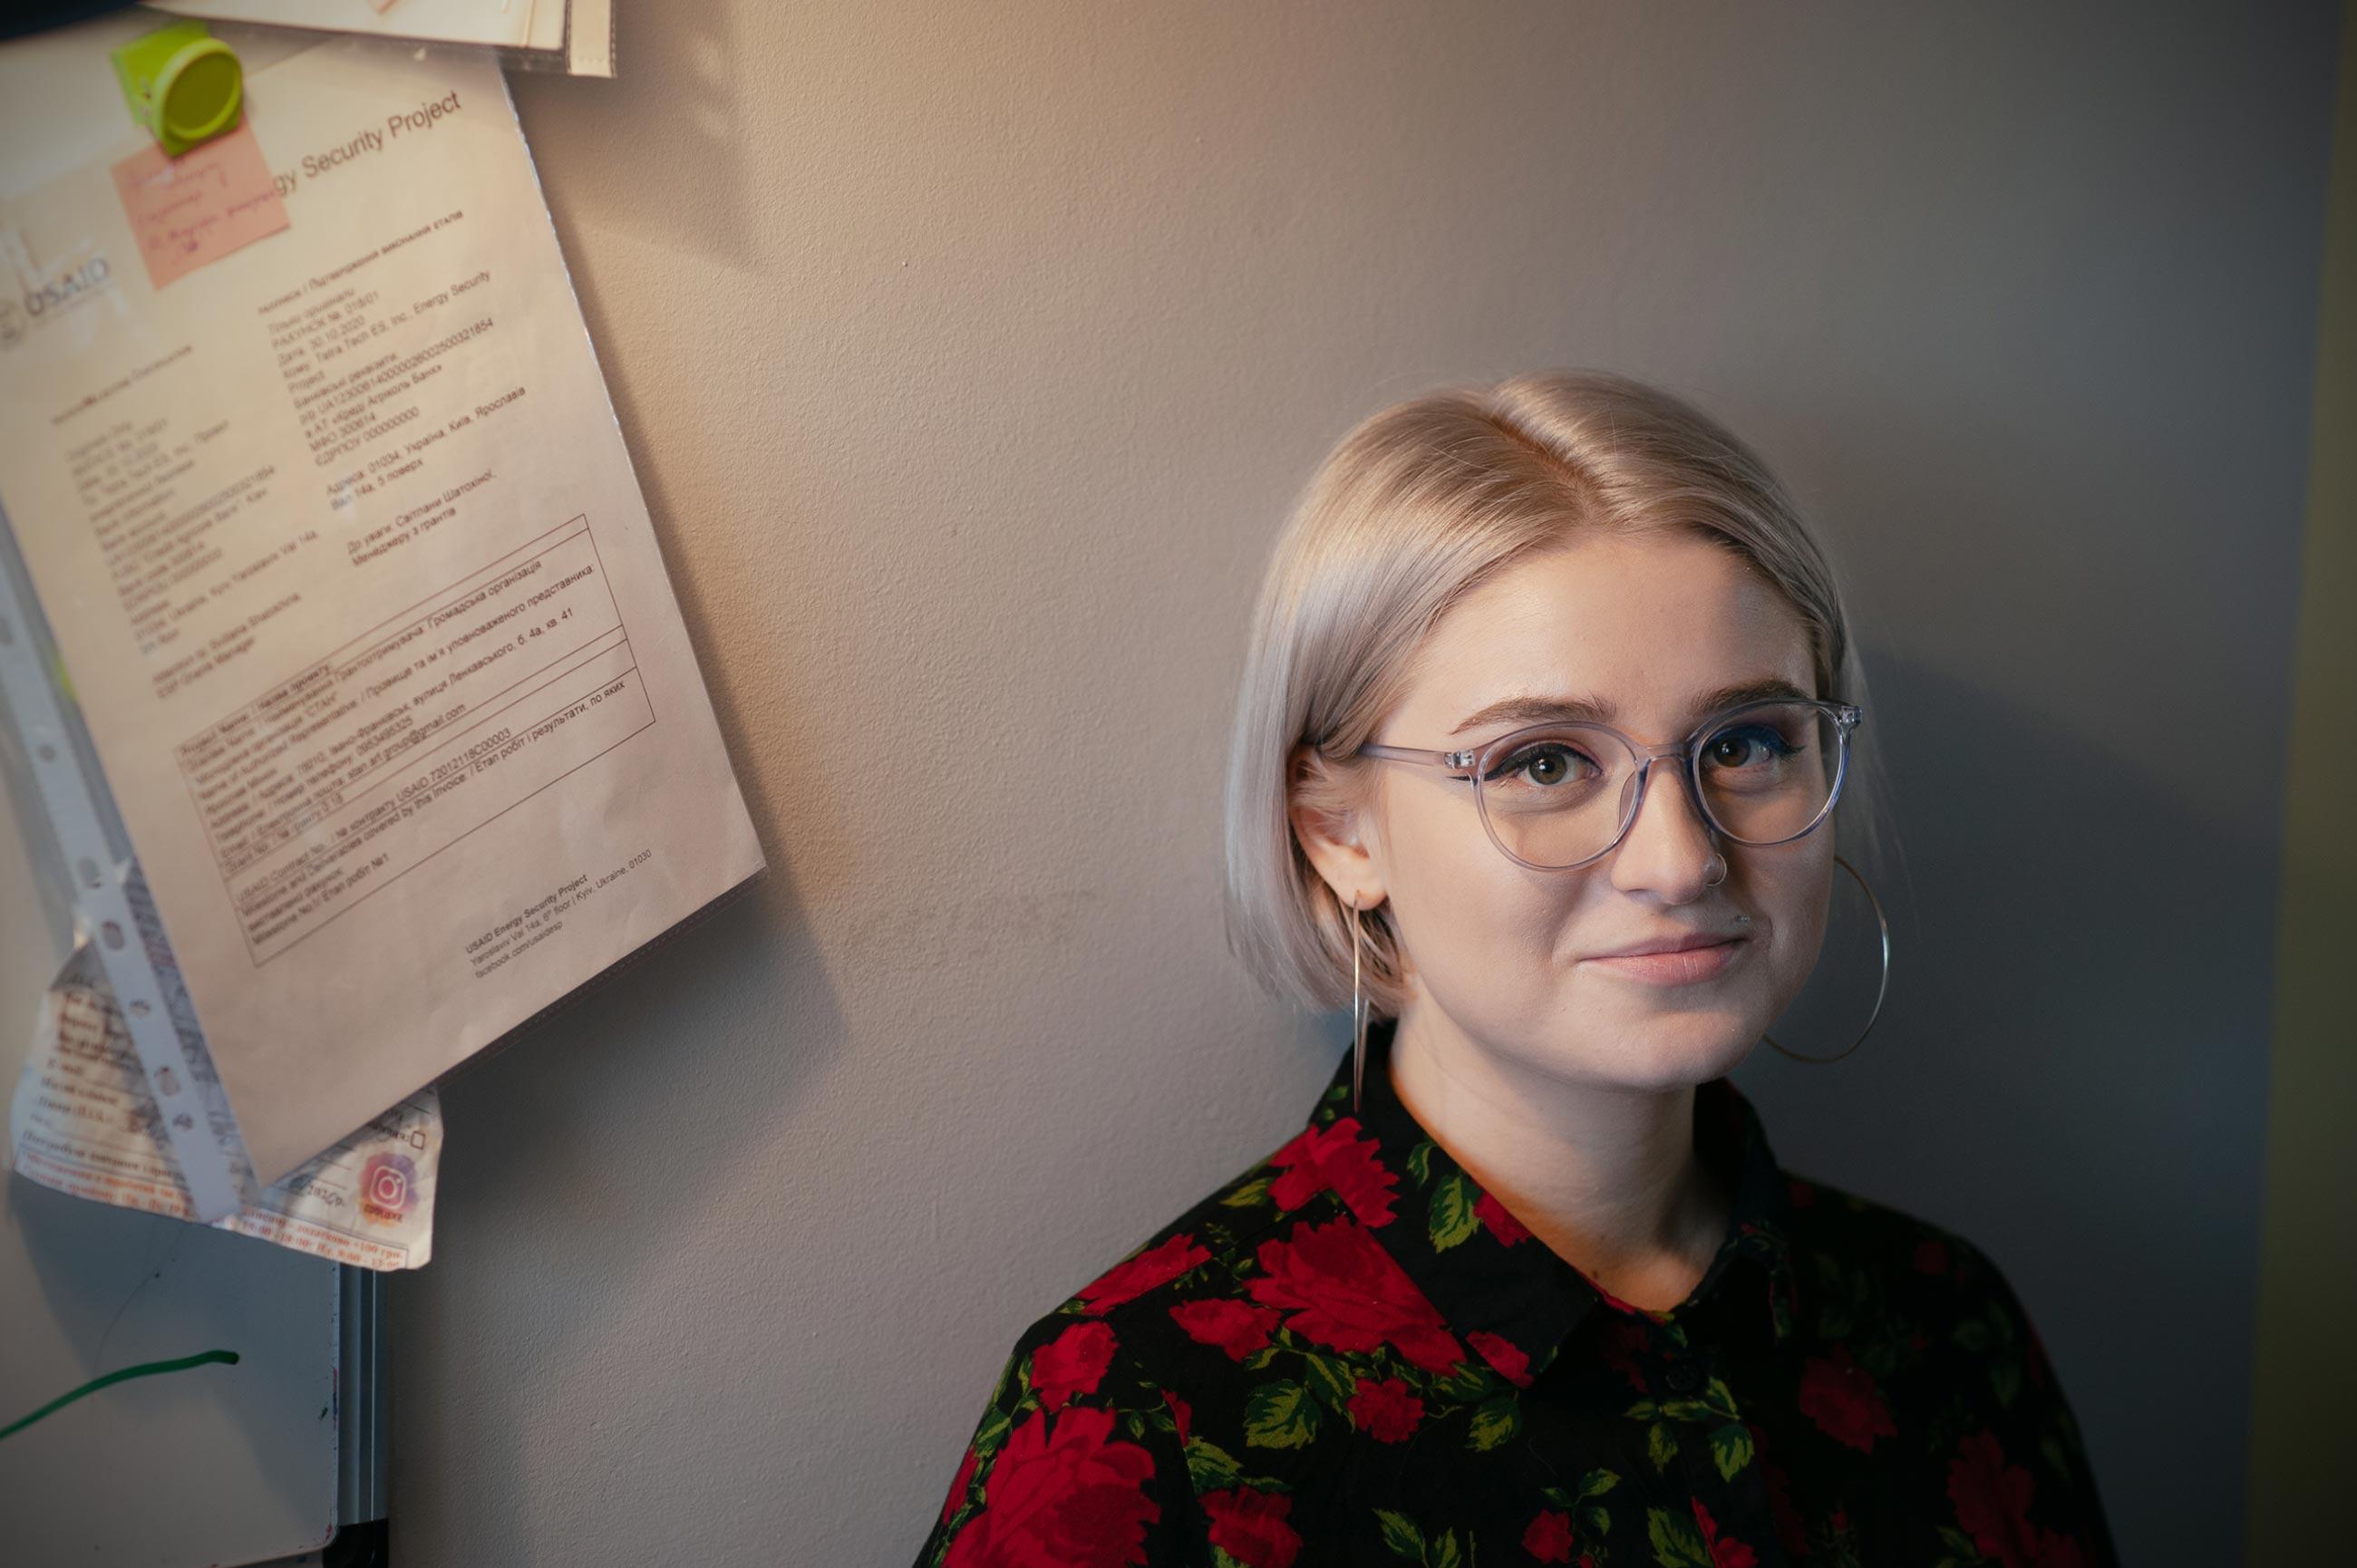 stan dsc 4301 - <b>Амбасадори різноманіття.</b> Як активісти зі всієї України просувають толерантність - Заборона